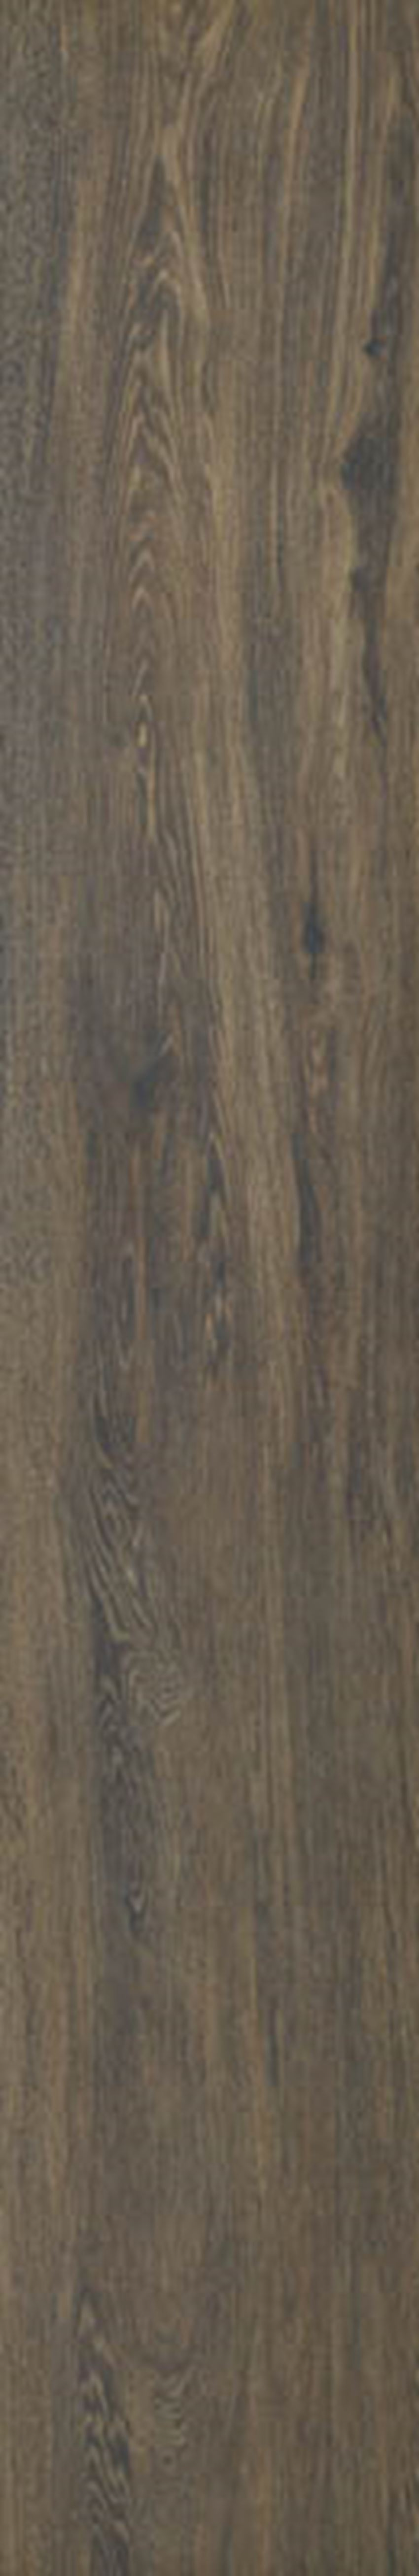 Płytka ścienno-podłogowa 29,4x180 cm Paradyż Aveiro Brown Gres Szkl. Rekt. Mat.